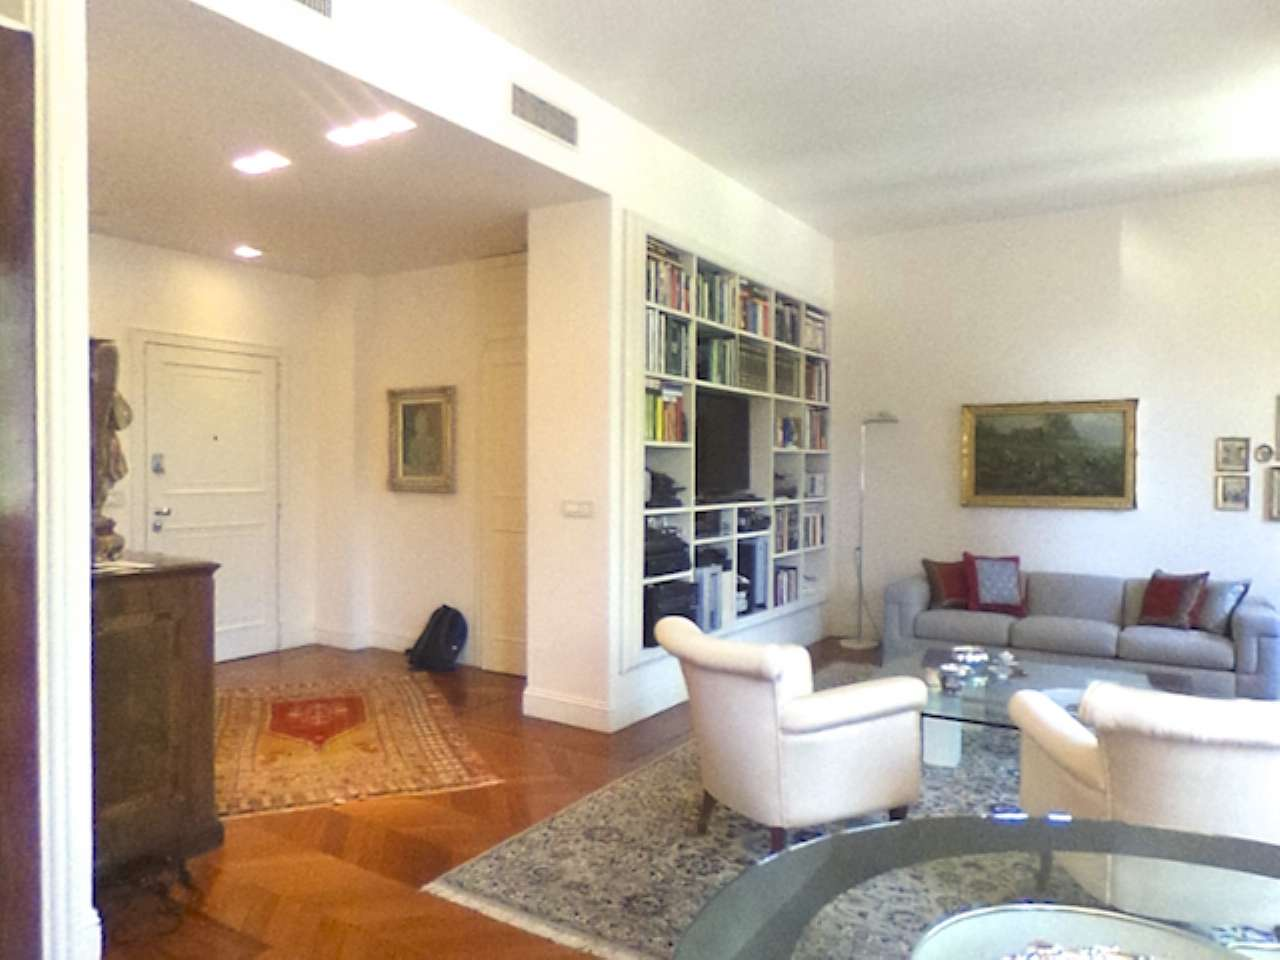 Missori - Nuda proprieta' - Prestigioso appartamento in centro con cantina e doppio garage, foto 2